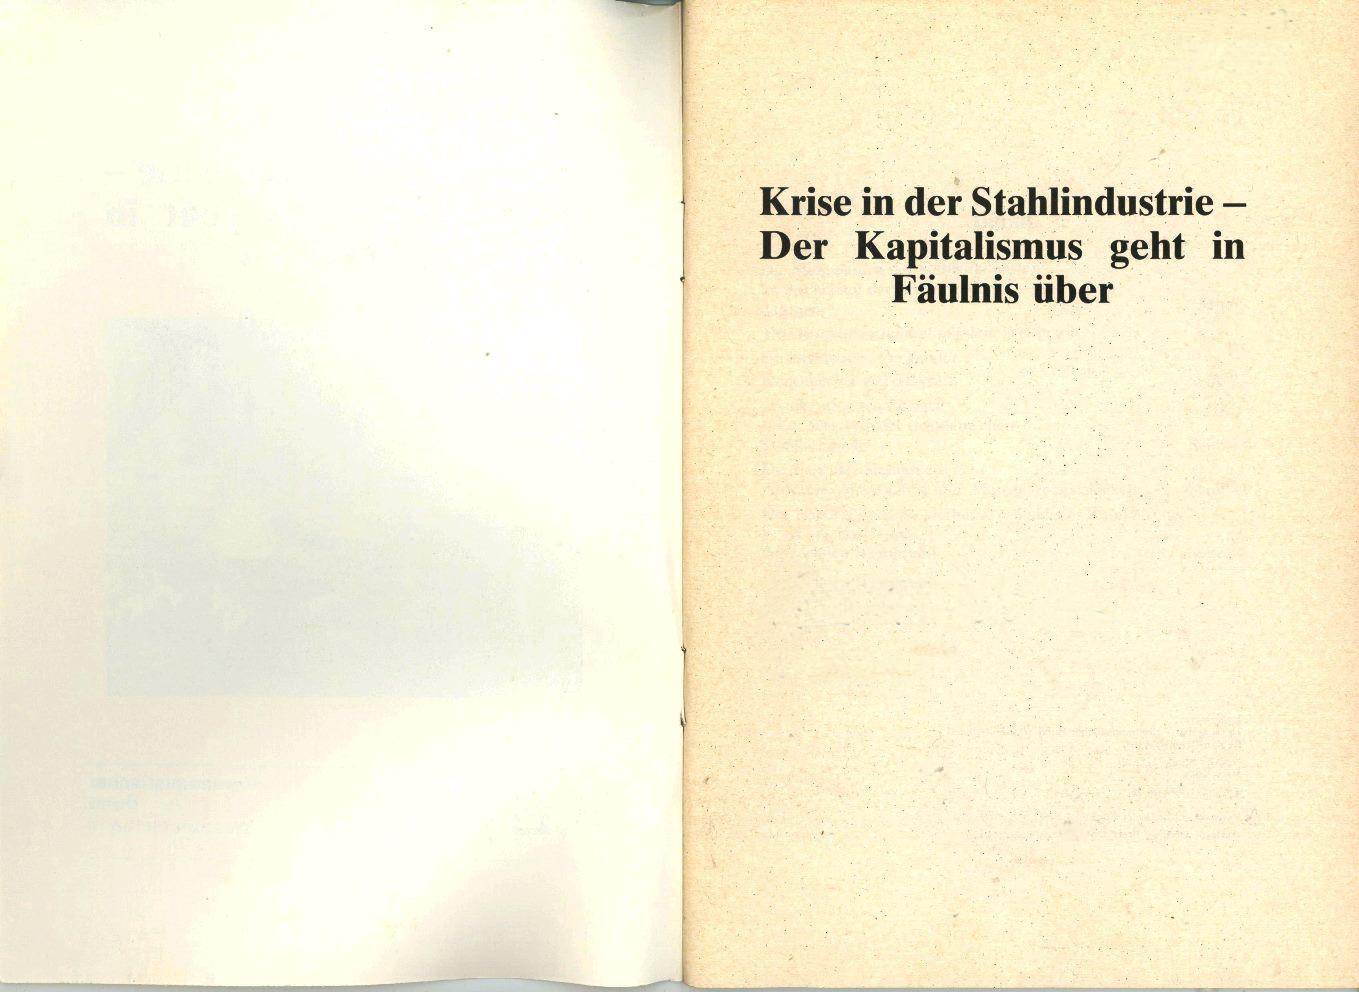 IGM_KBW_Krise_in_der_Stahlindustrie_1977_02